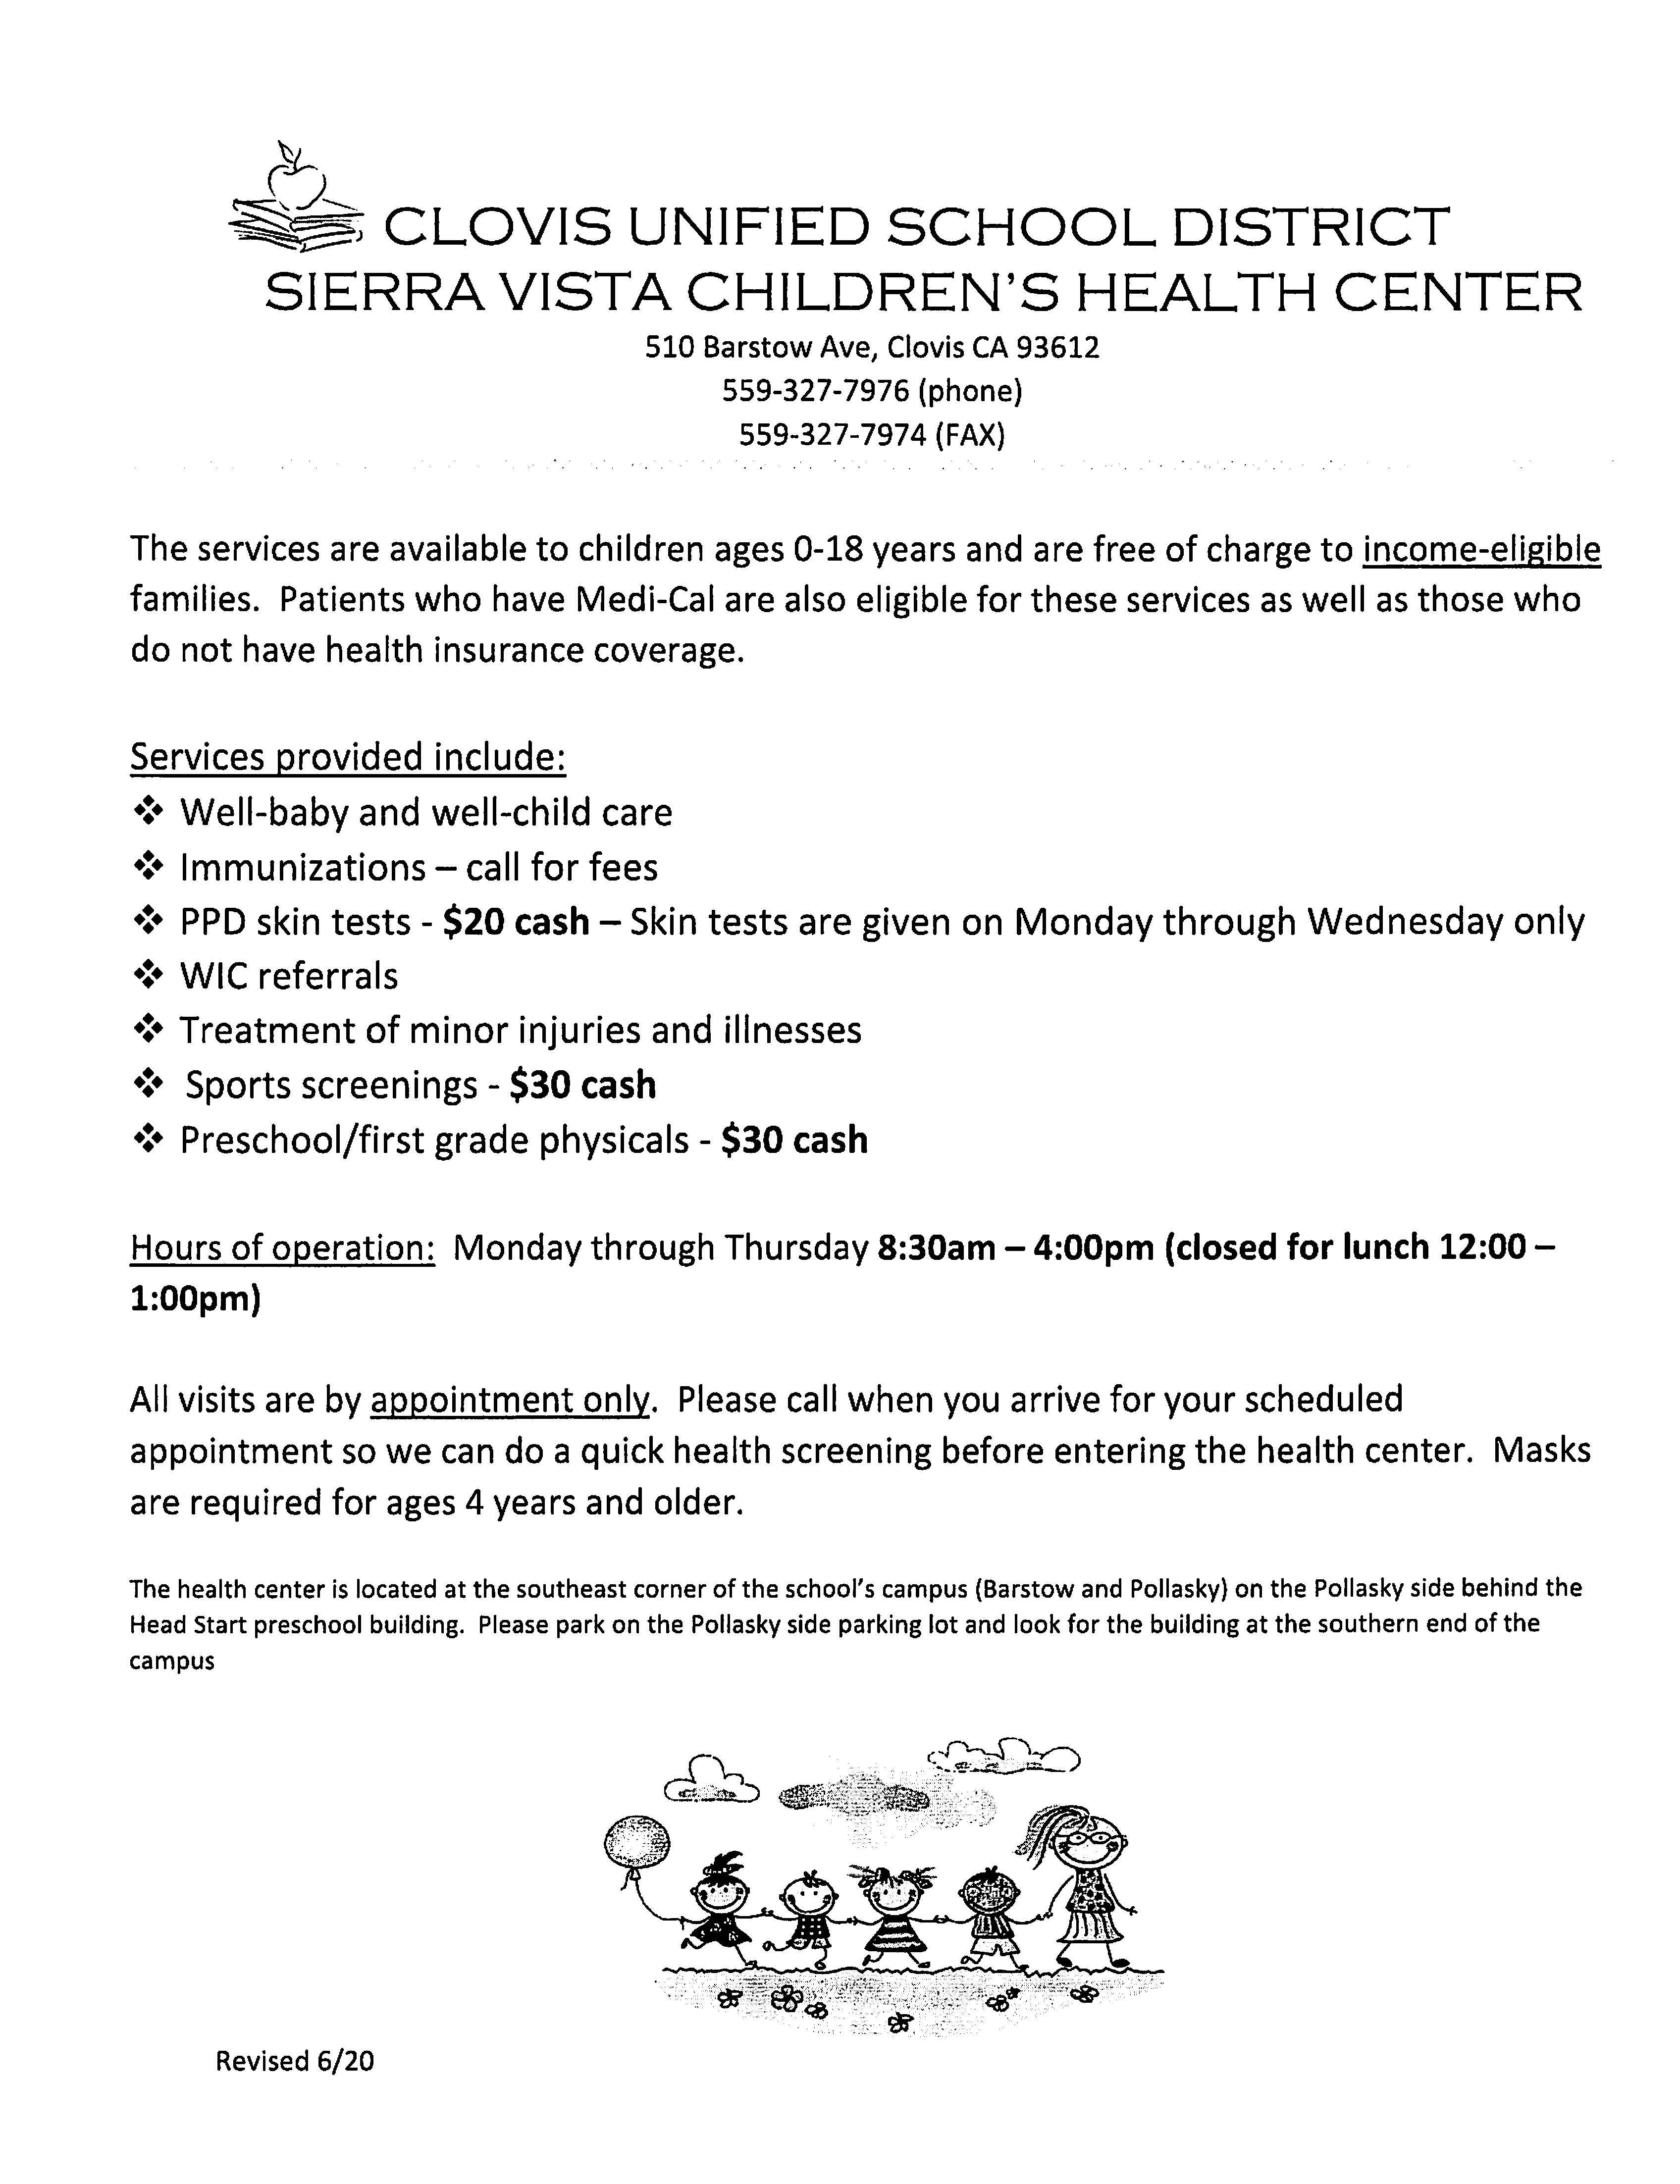 Sierra Vista Children's Health Center